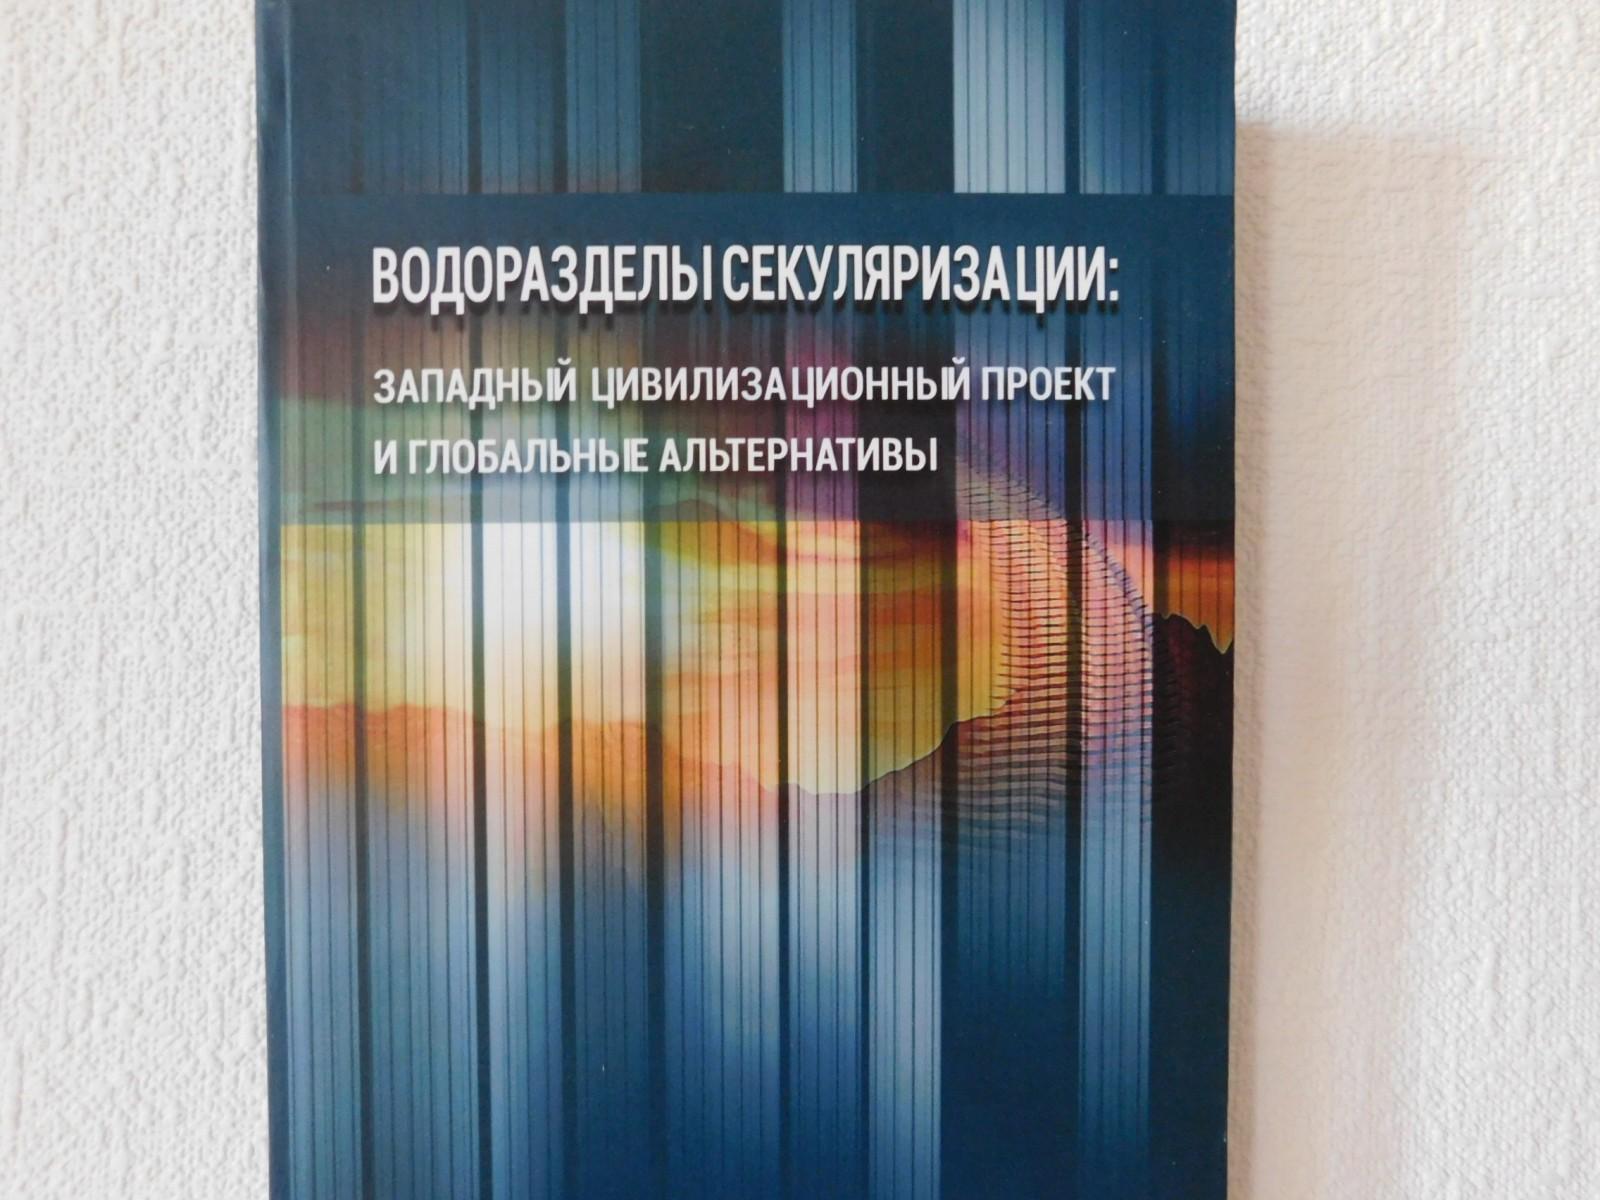 «Водоразделы секуляризации: Западный цивилизационный проект и глобальные альтернативы»